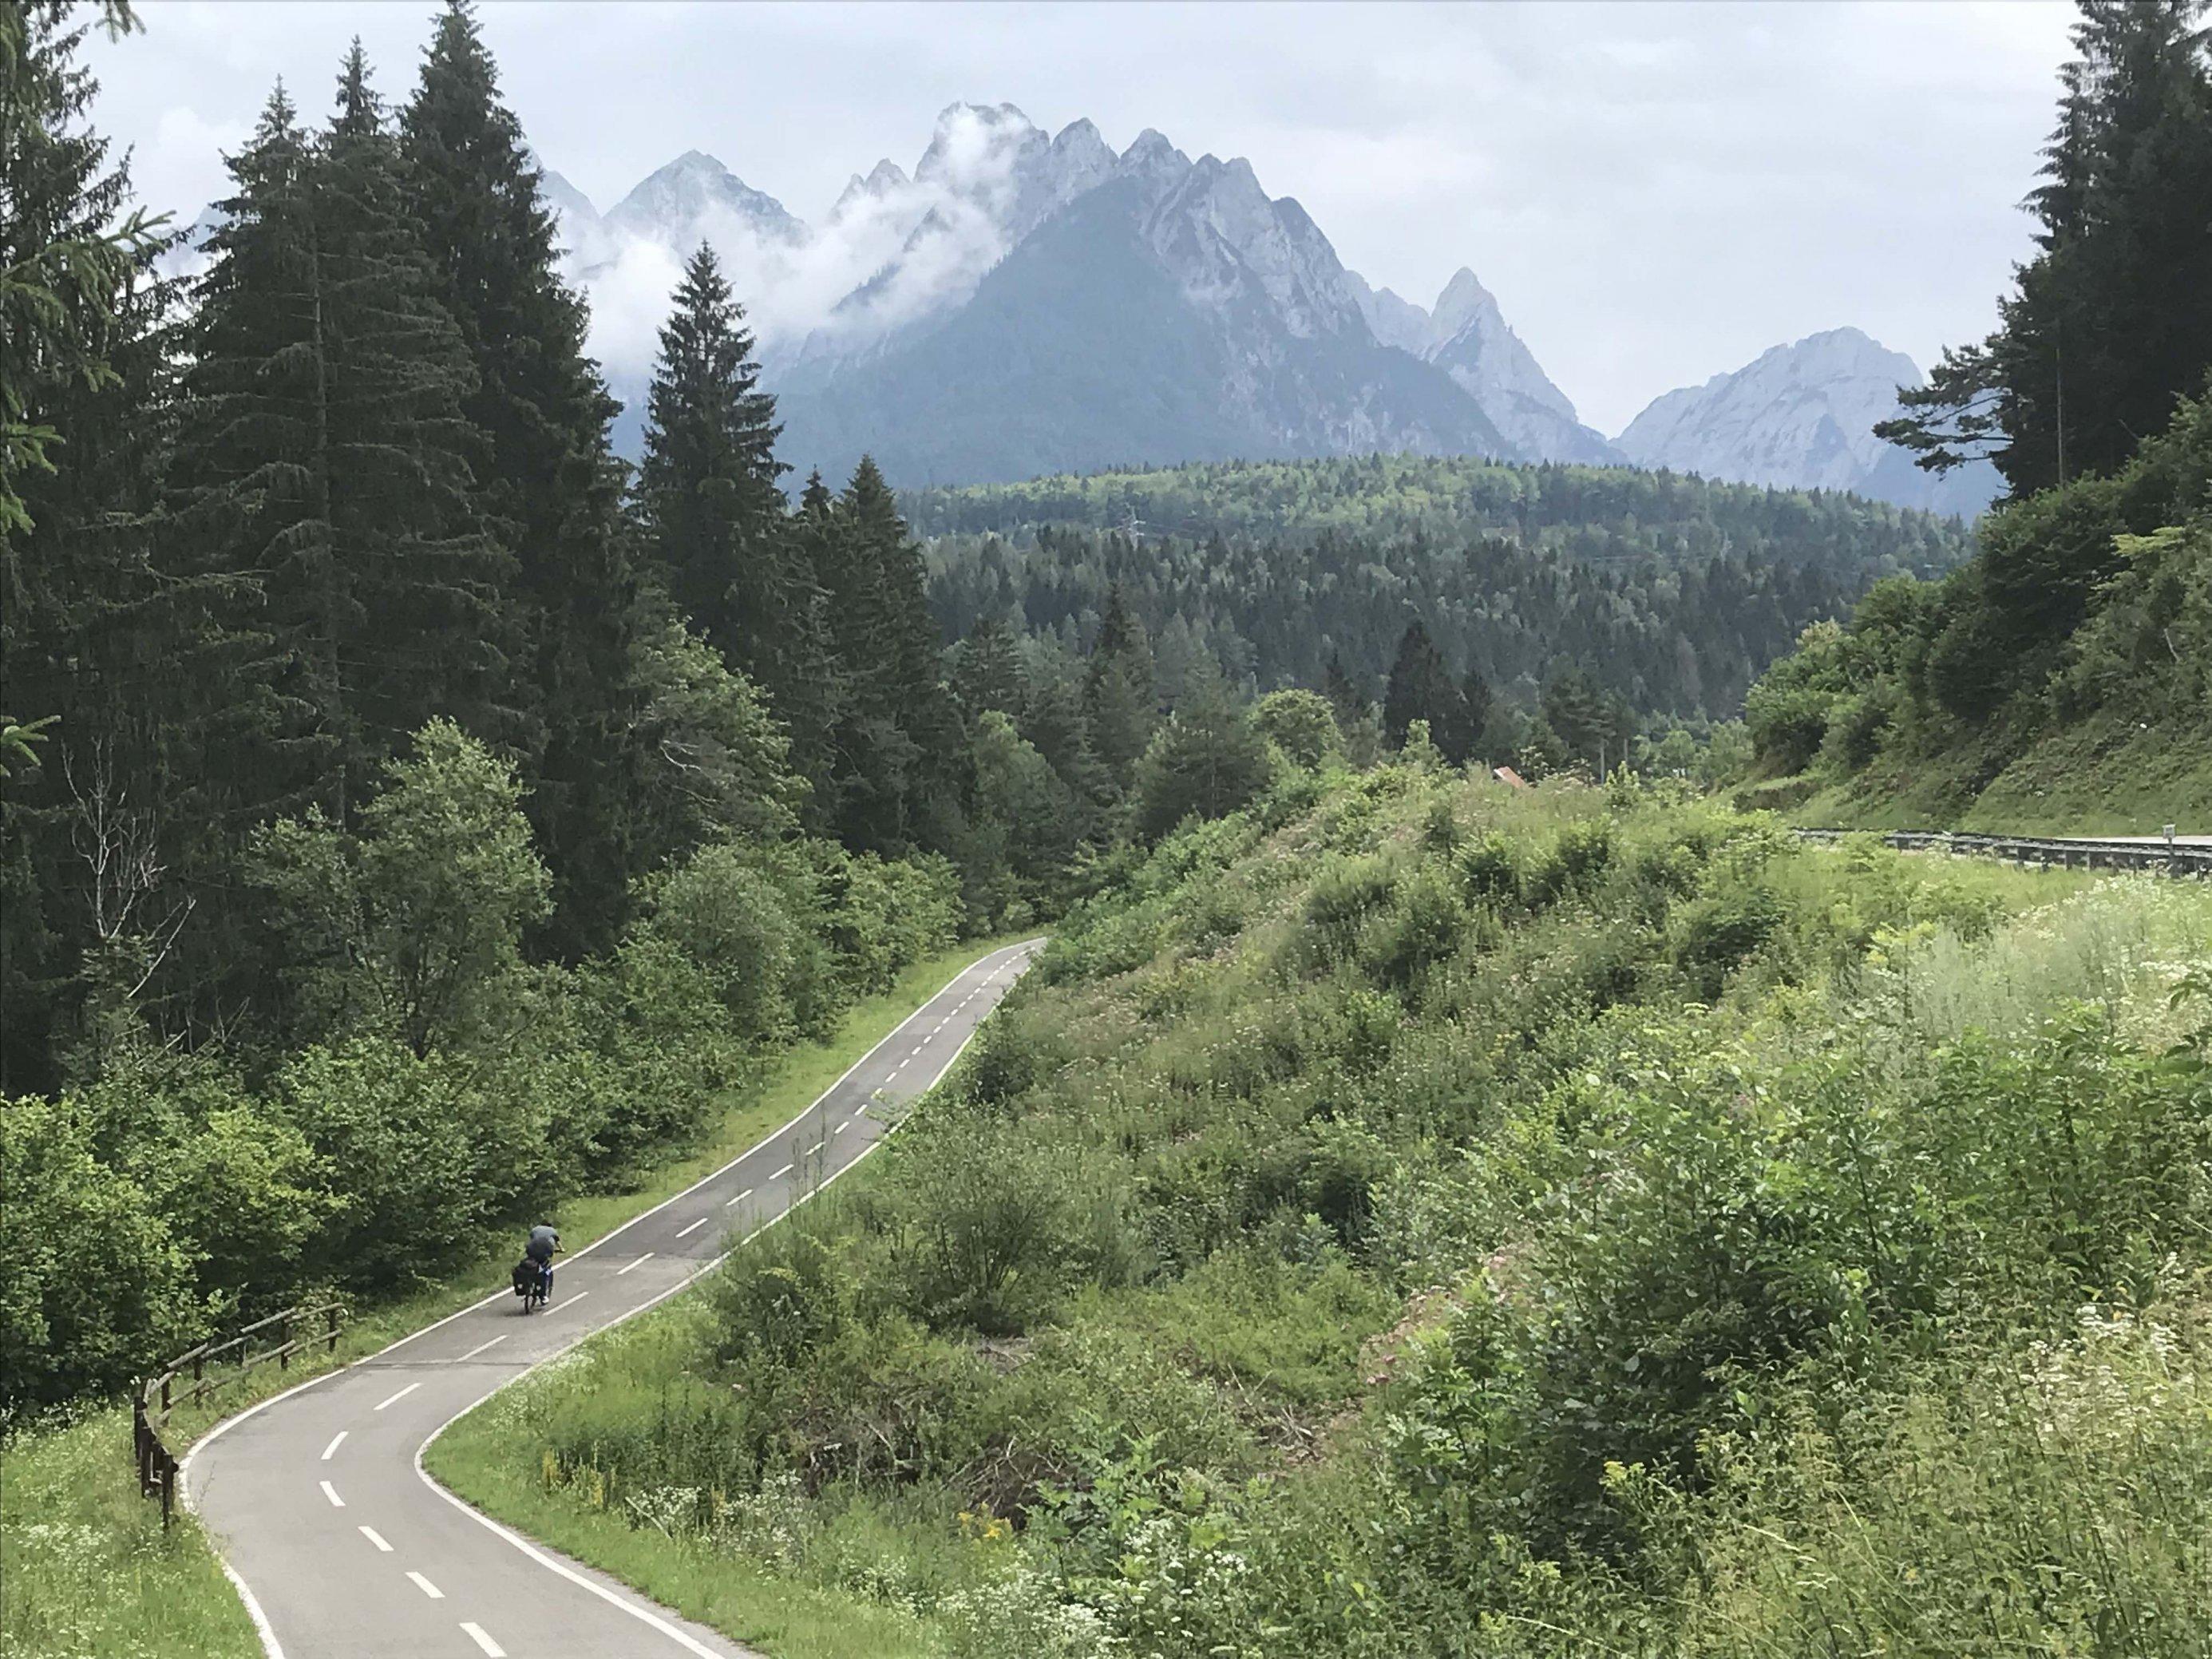 Aufnahme einer Talstraße. Im Hintergrund sieht man ein Gebirge.